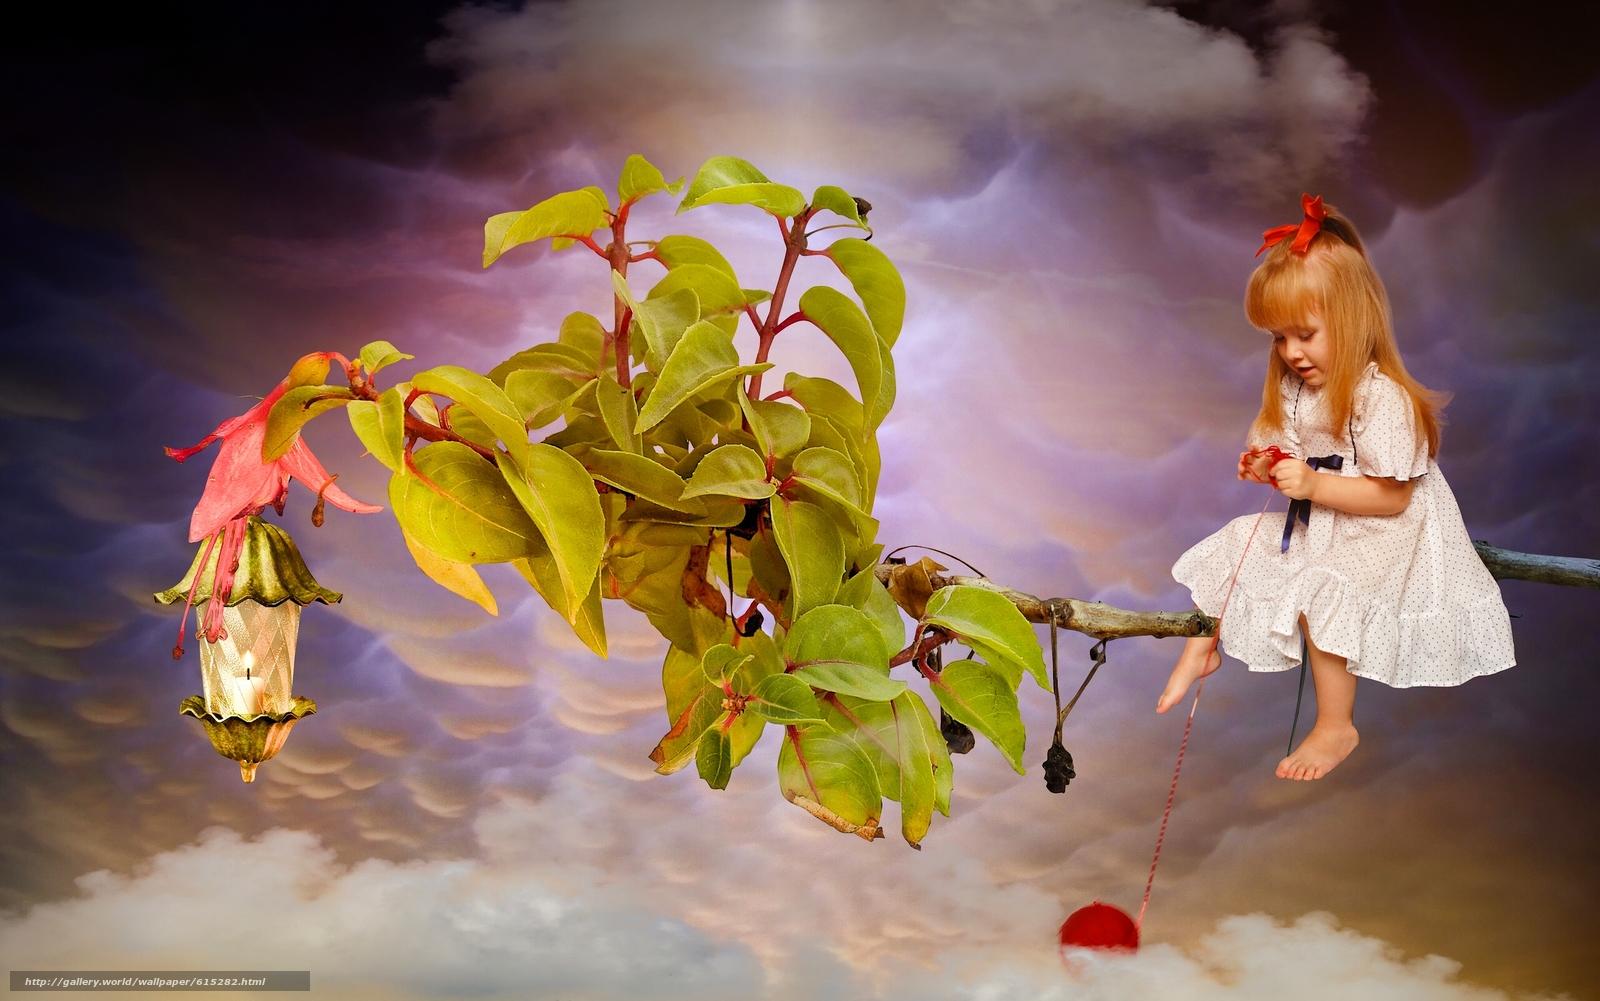 pobra tapety dziewczyna,  Rudowłosy,  rudowłosy,  oddział Darmowe tapety na pulpit rozdzielczoci 2560x1601 — zdjcie №615282